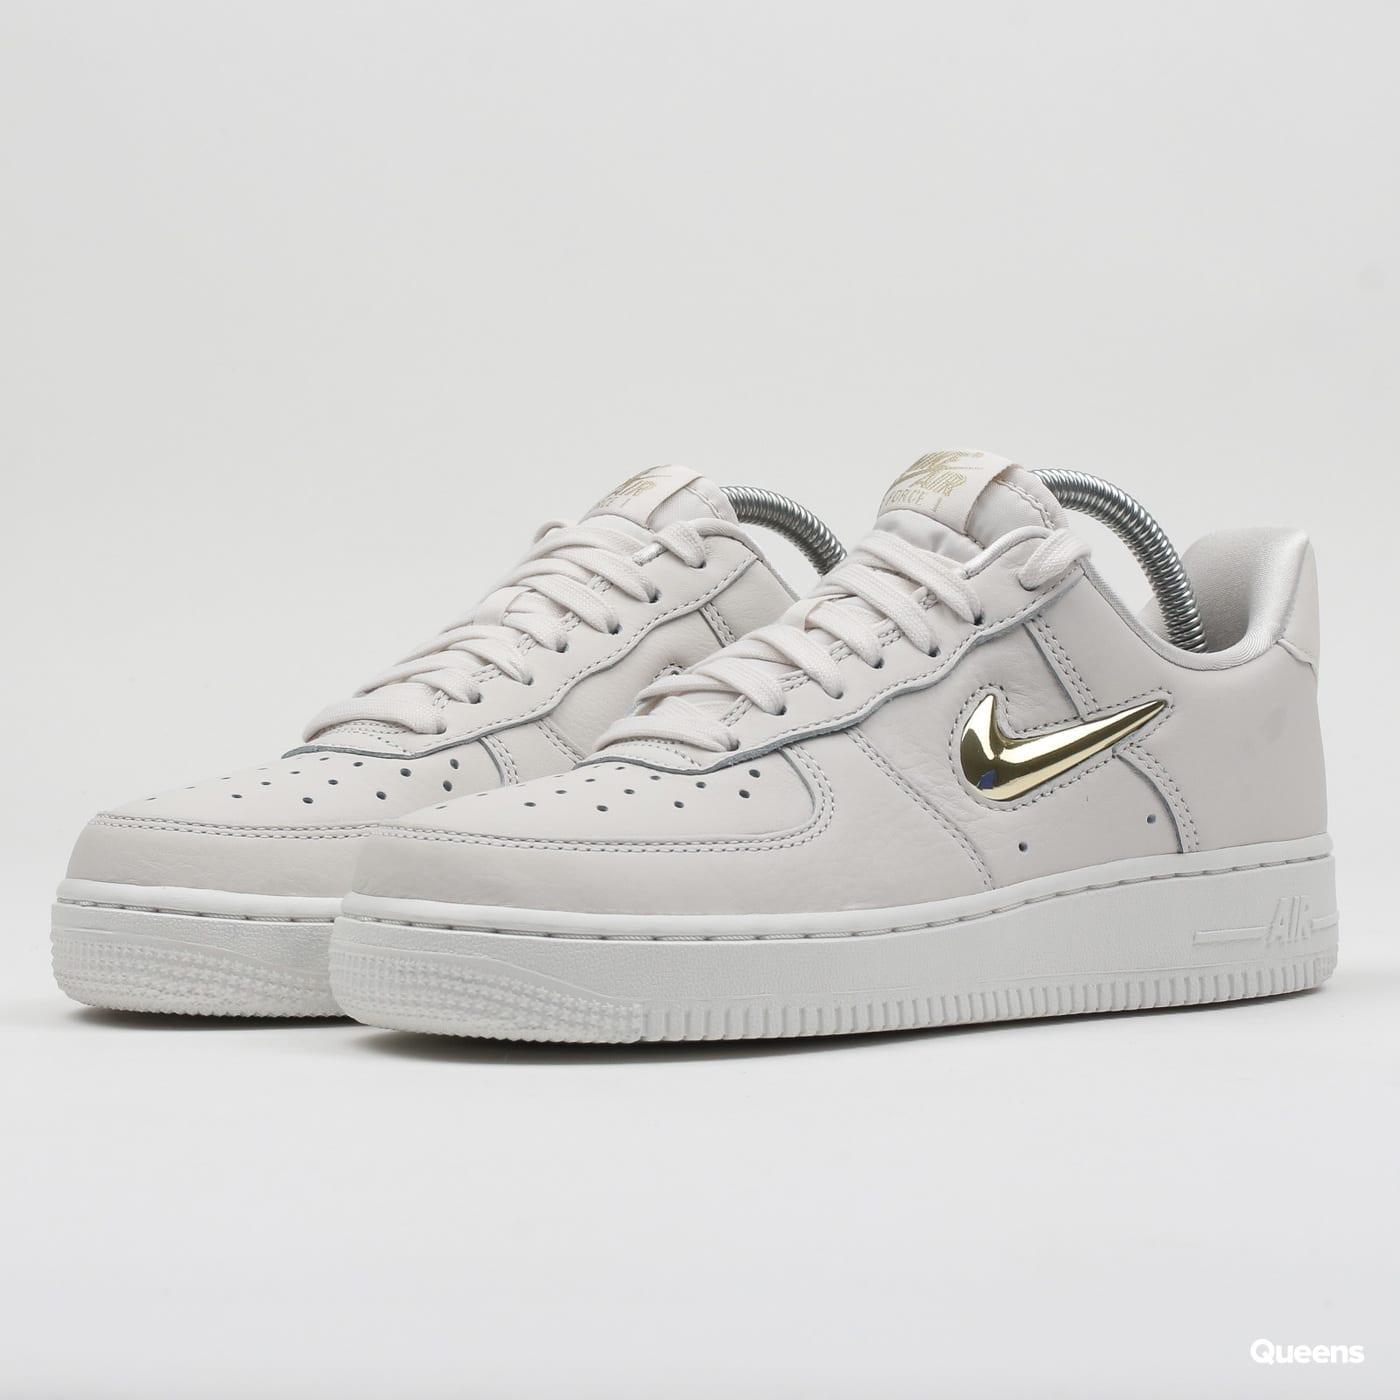 Nike WMNS Air Force 1 '07 Premium LX